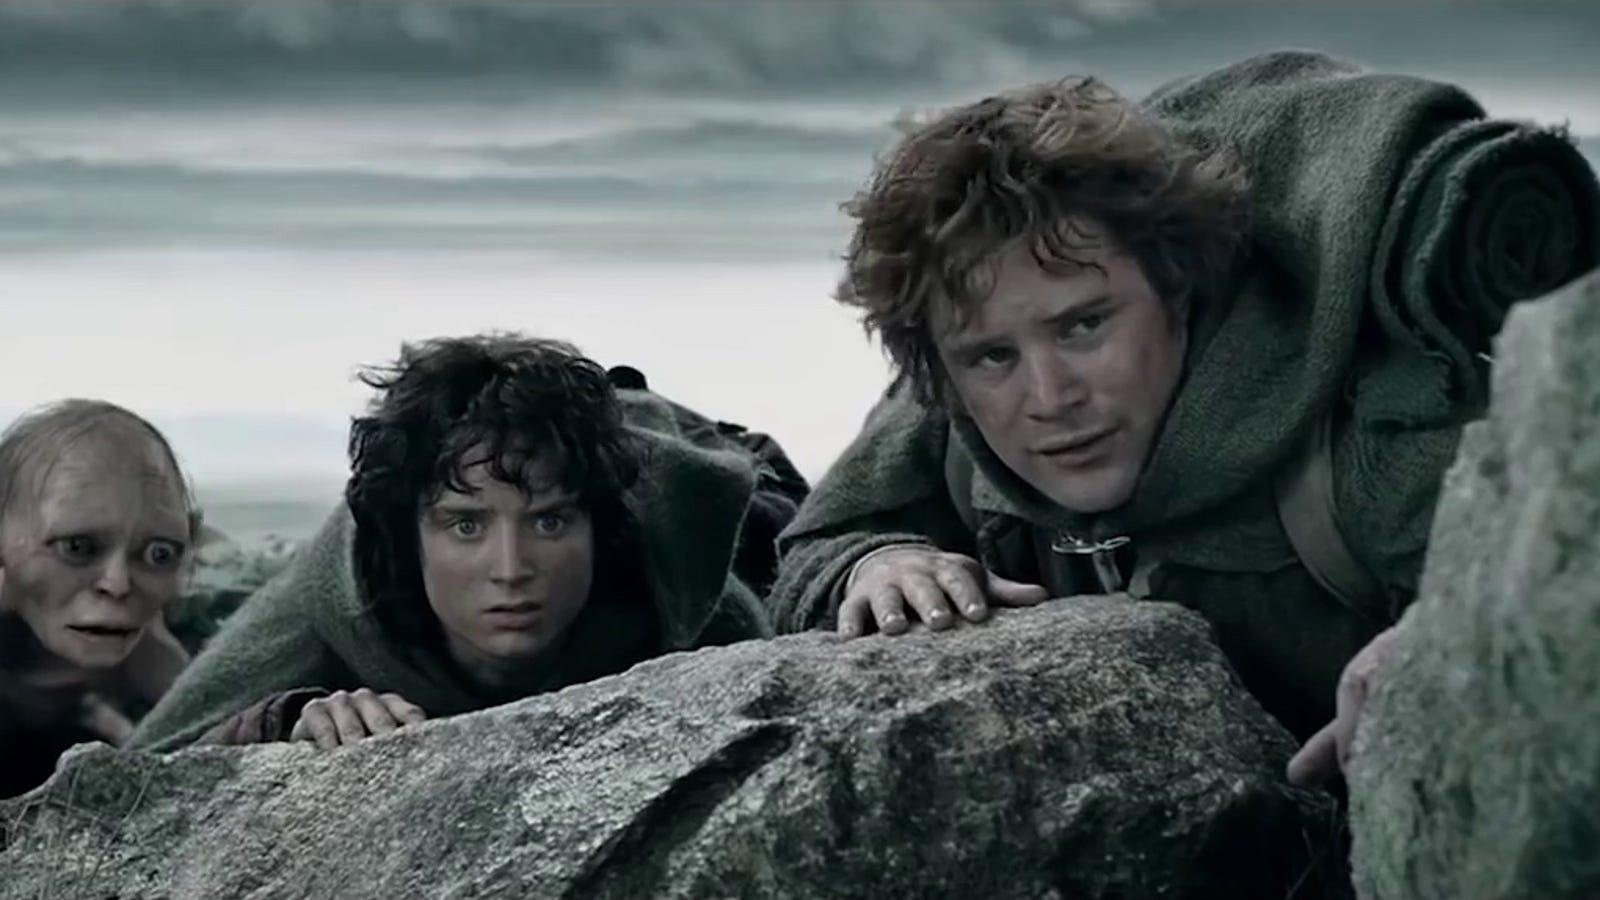 10 escenas míticas del cine que se parecen sospechosamente a otras menos conocidas